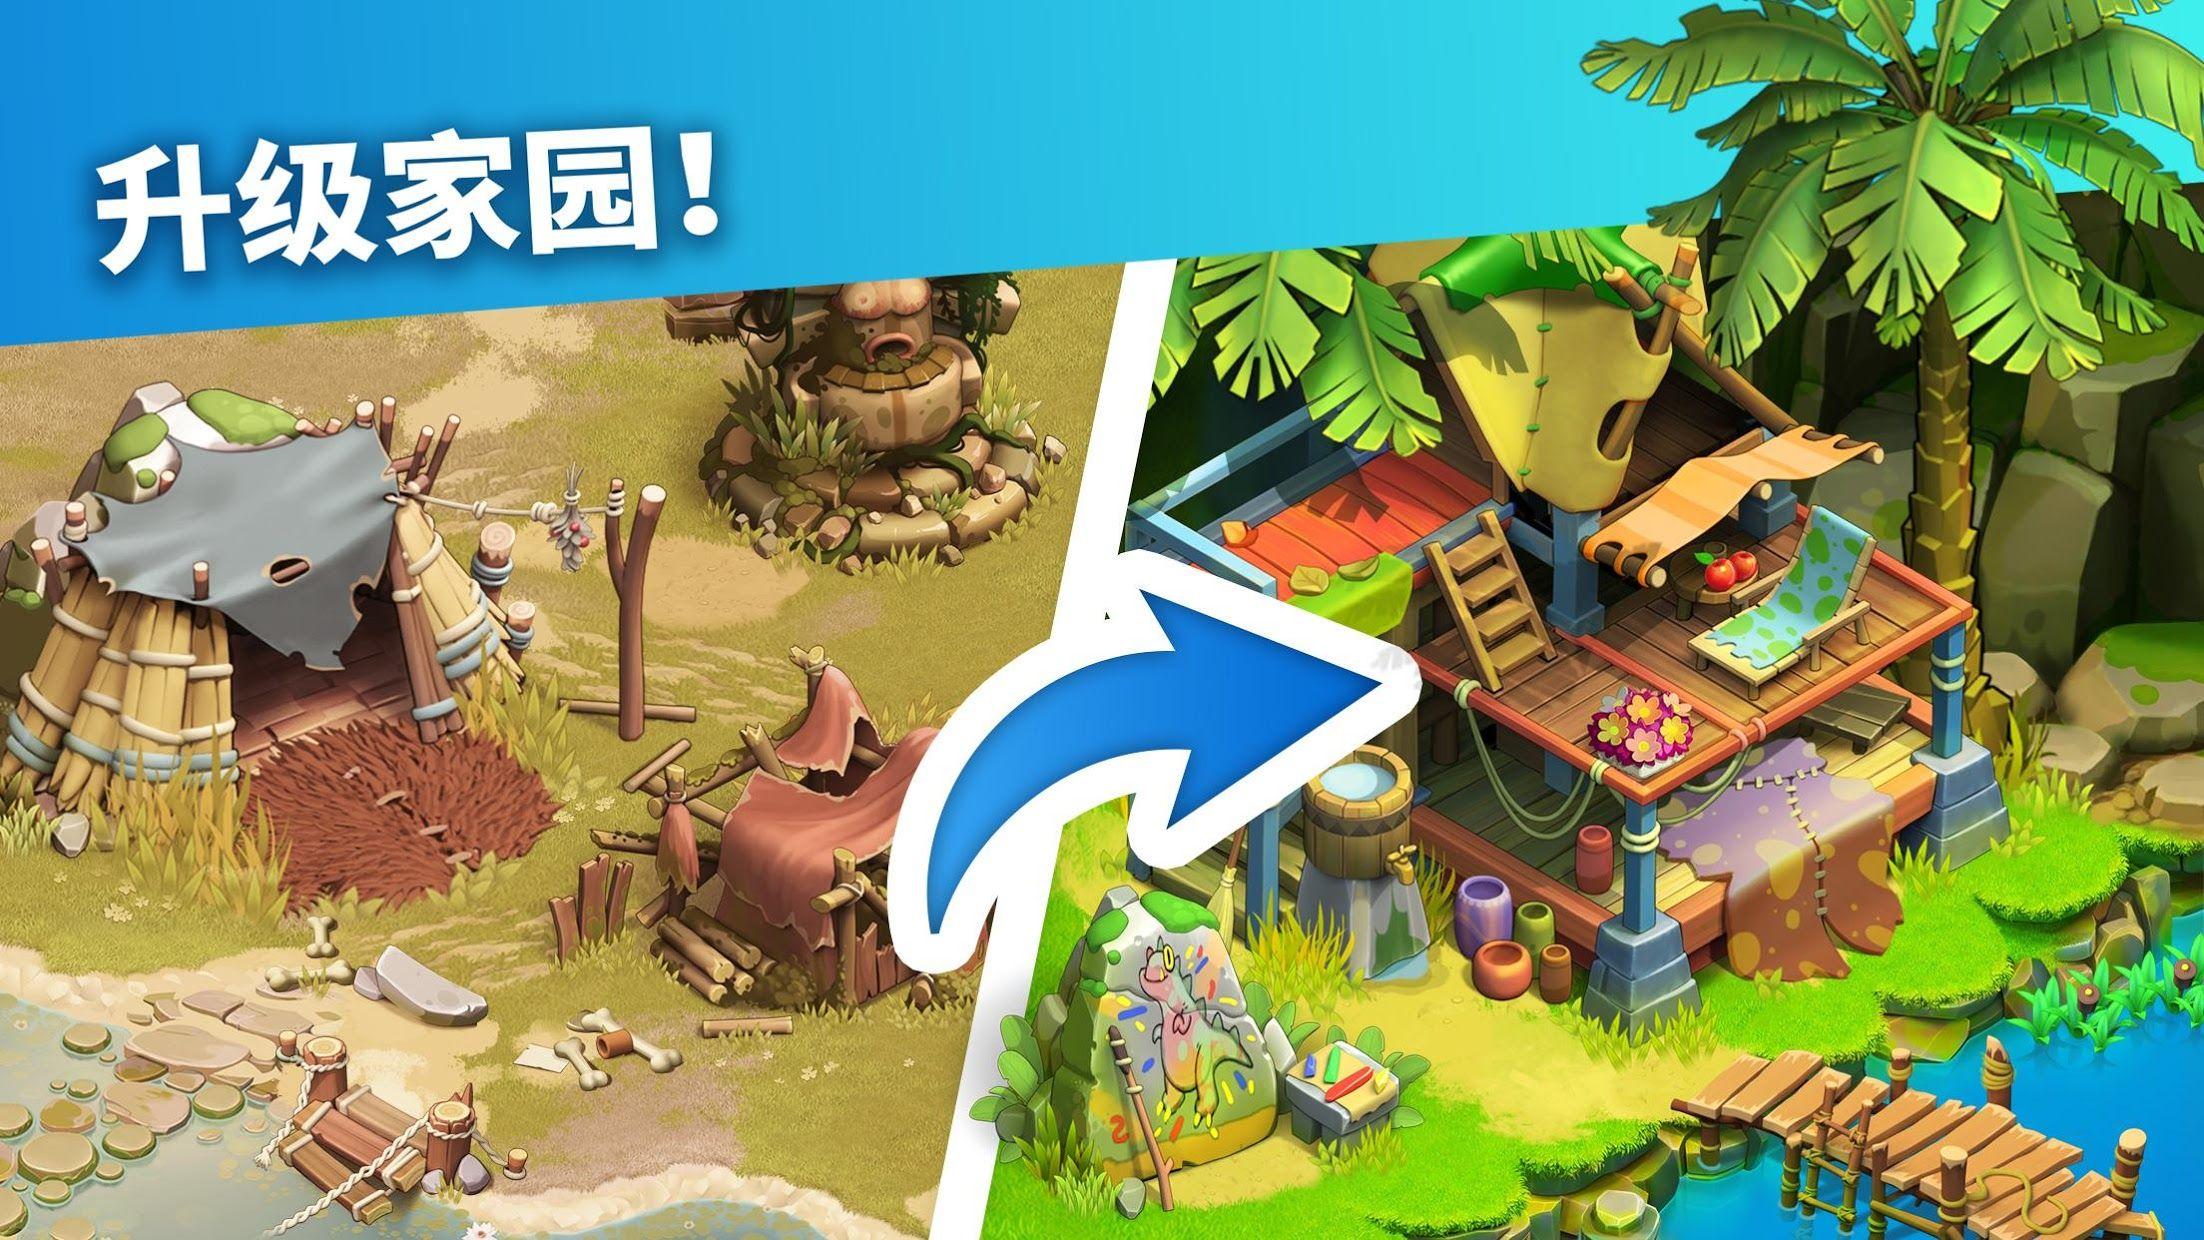 家庭岛 - 农场游戏 游戏截图3